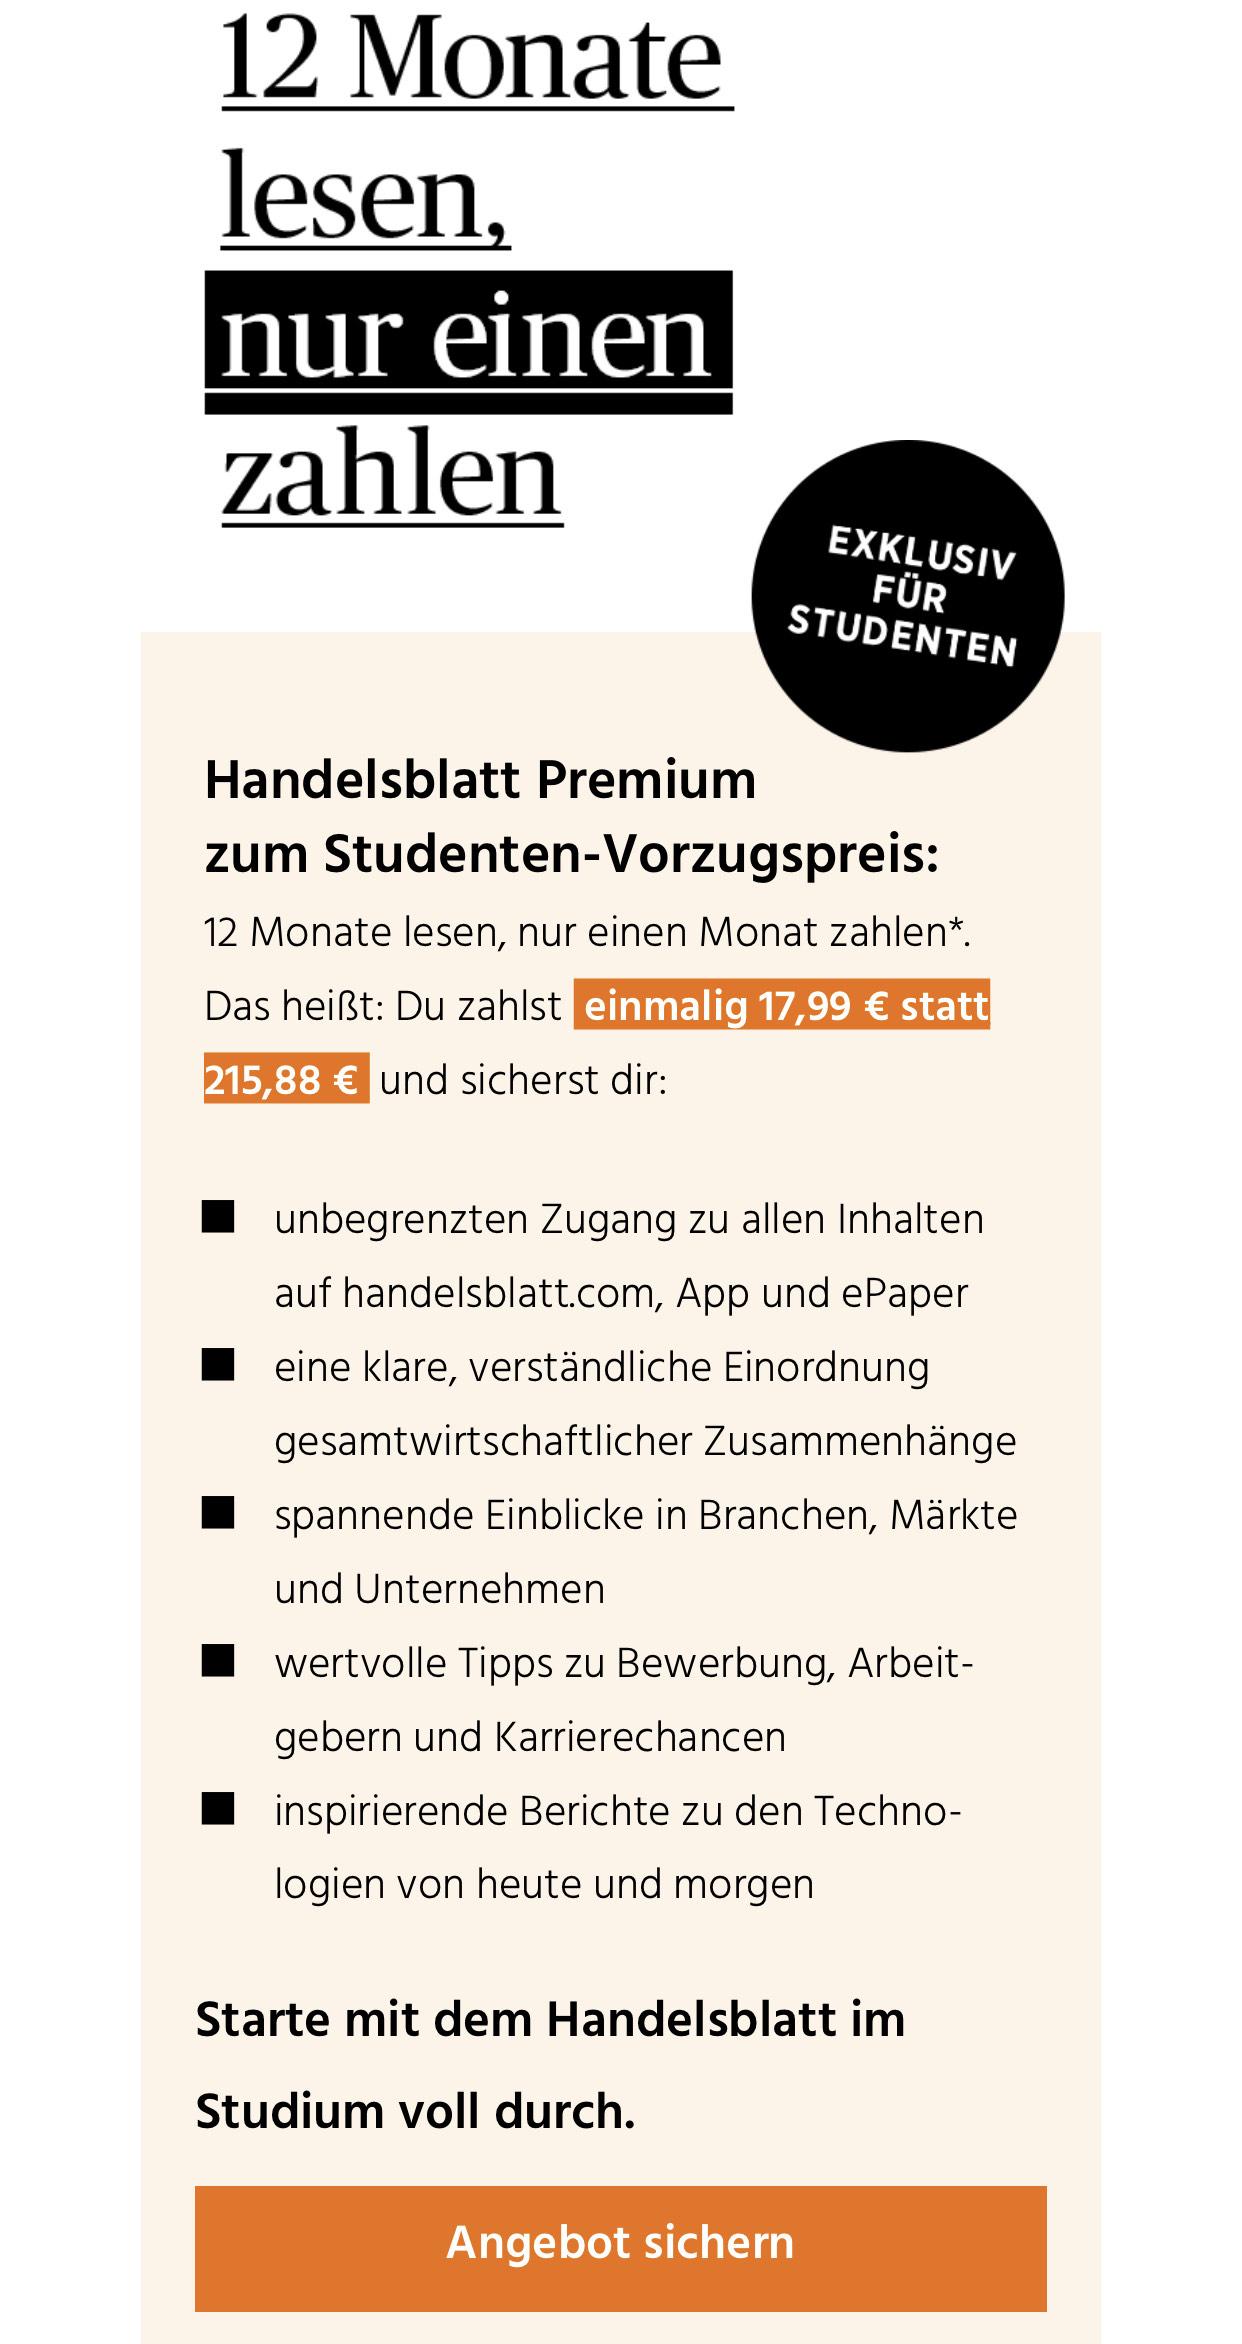 Handelsblatt Premium (Digital) zum Studenten-Vorzugspreis